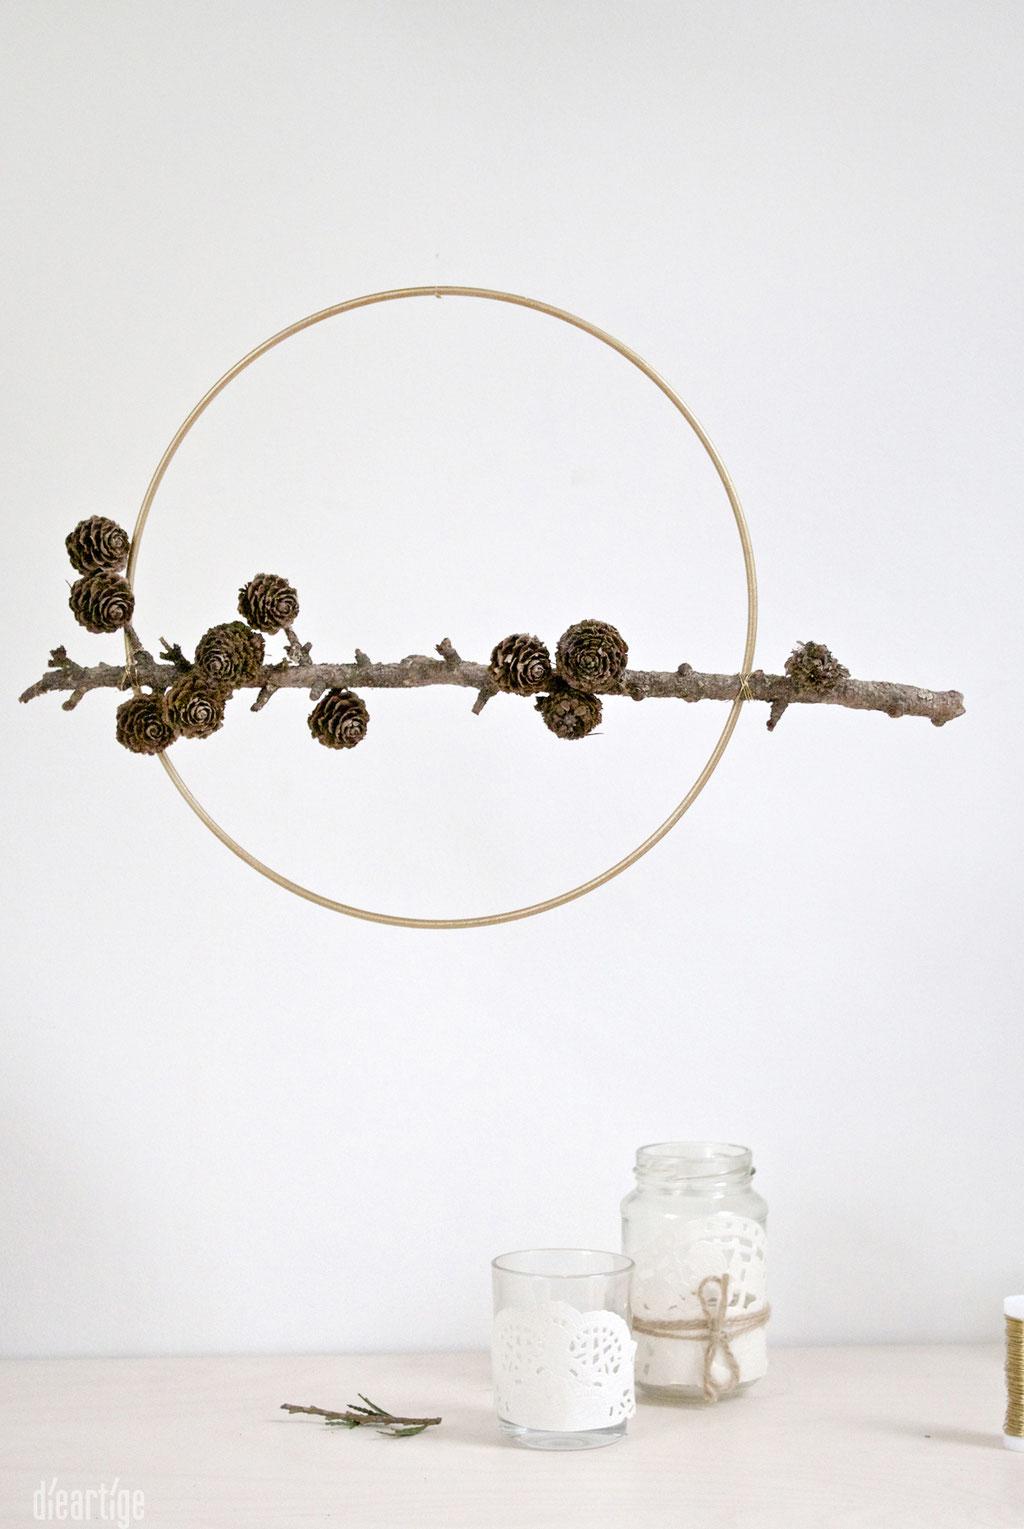 dieartigeBLOG - ein goldener Ring als Rahmen, Naturdeko mit Lärchenzweig, Dekoidee, Weihnachten, Advent, Winter